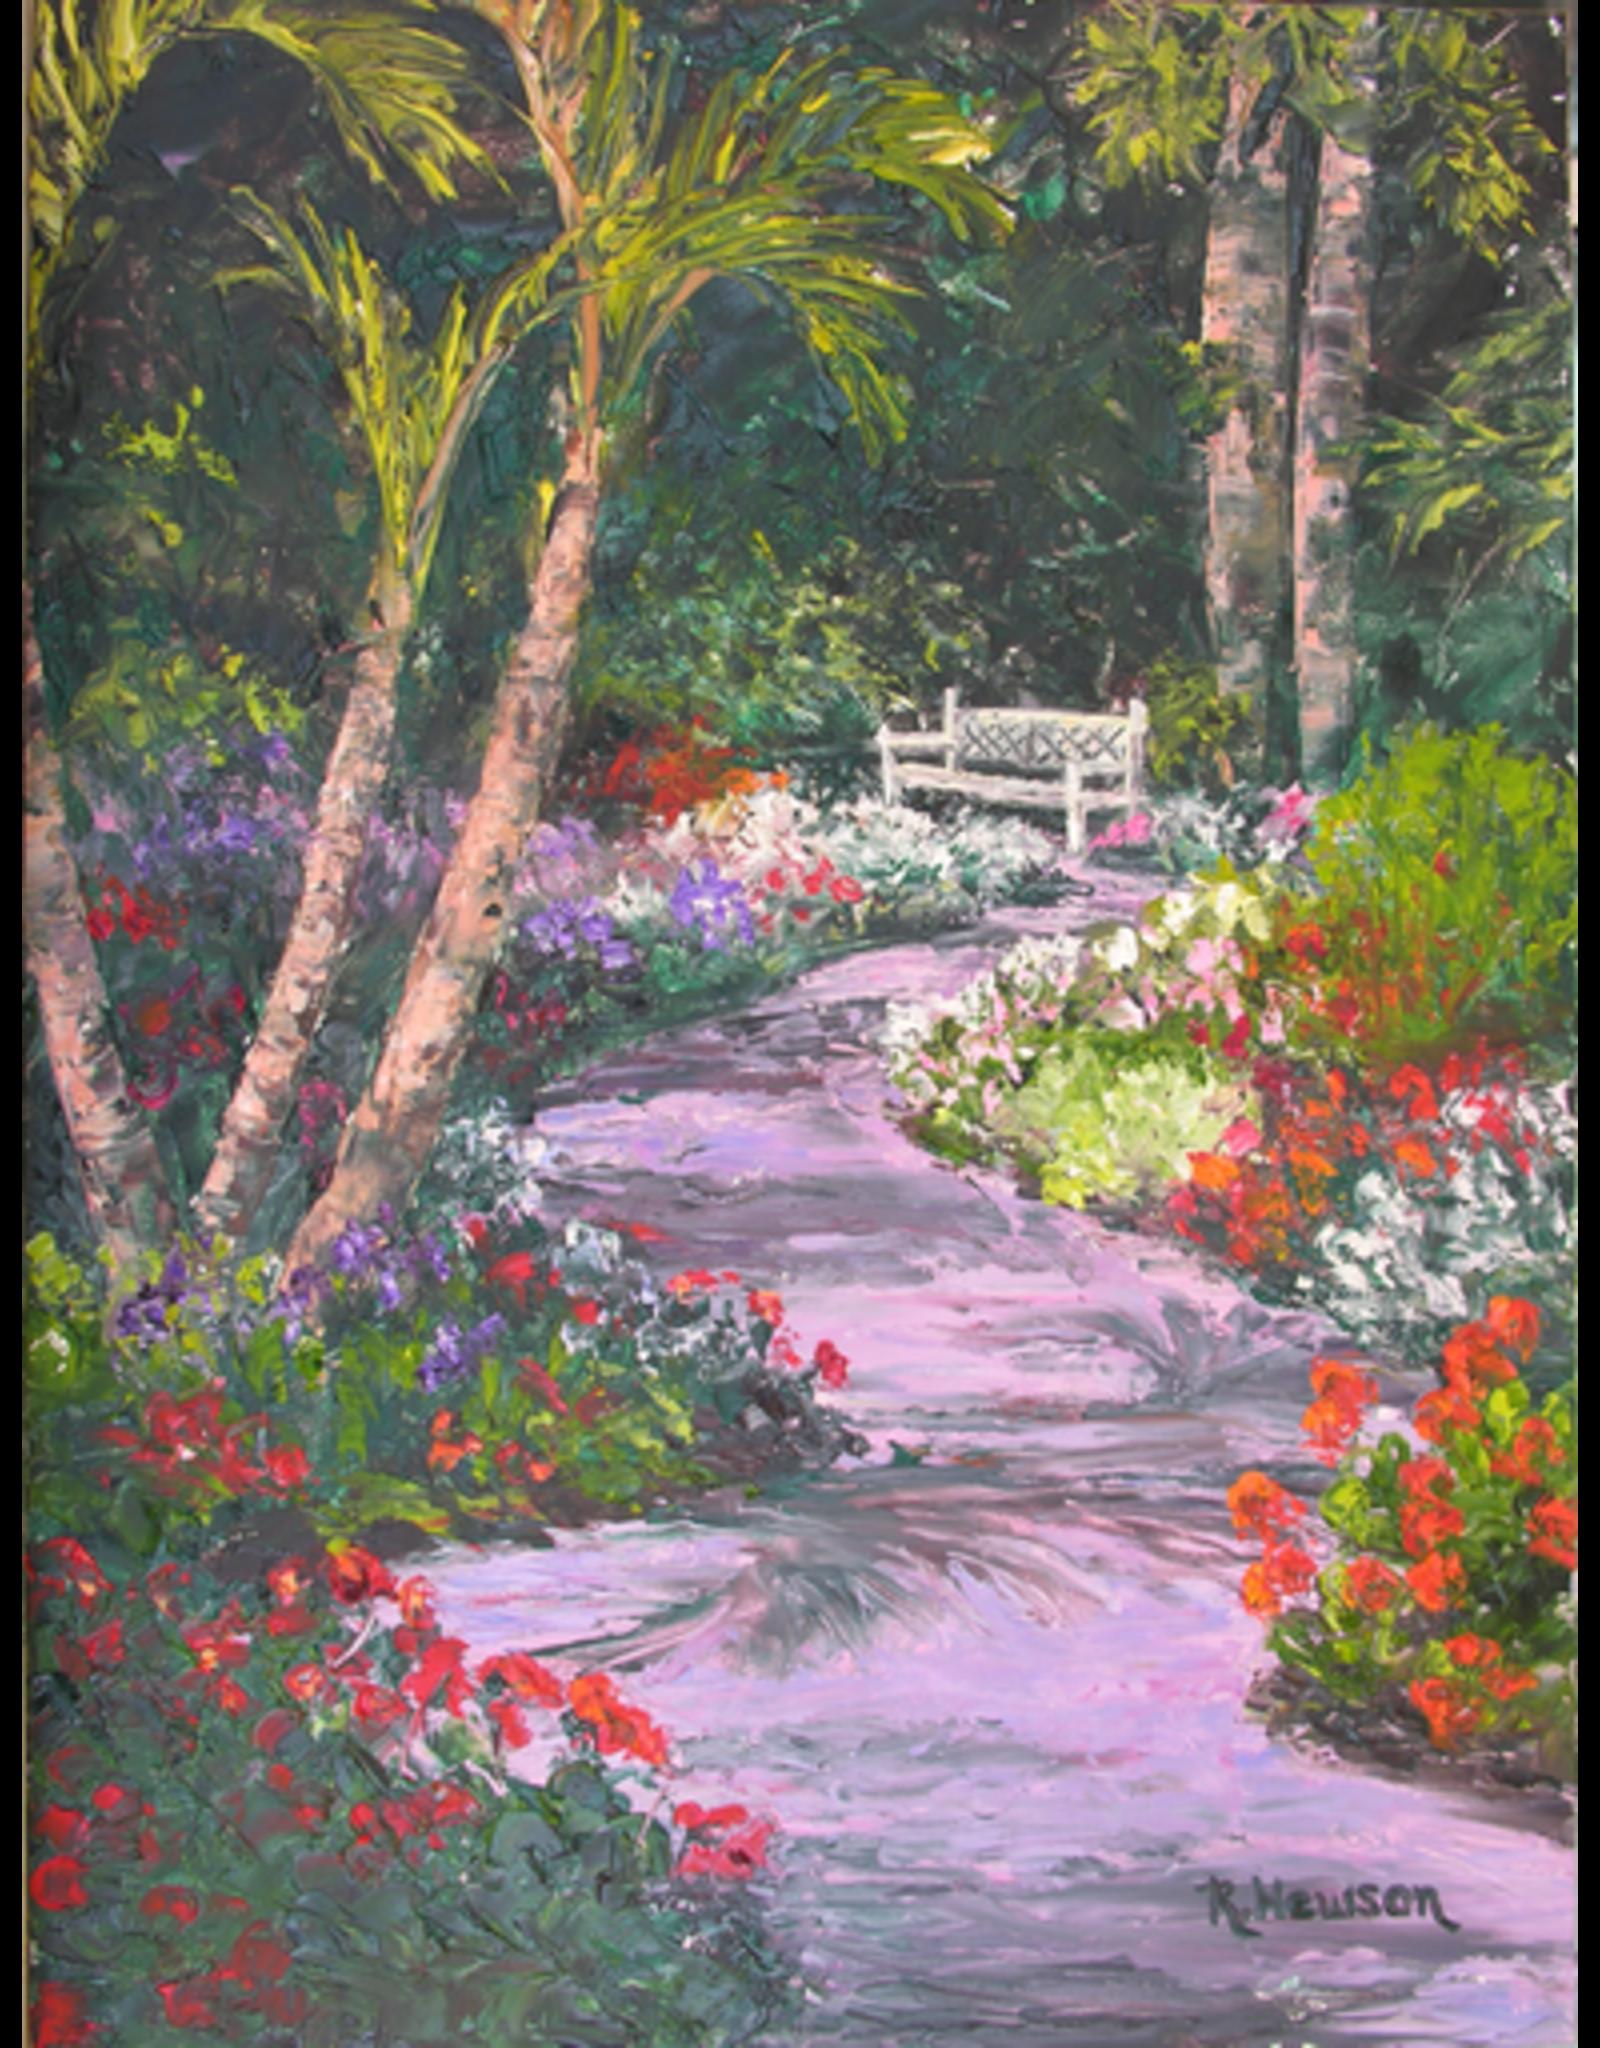 Ruthann Hewson Hallowed Grounds Garden (Print, Matted, 11x14, RUTH)